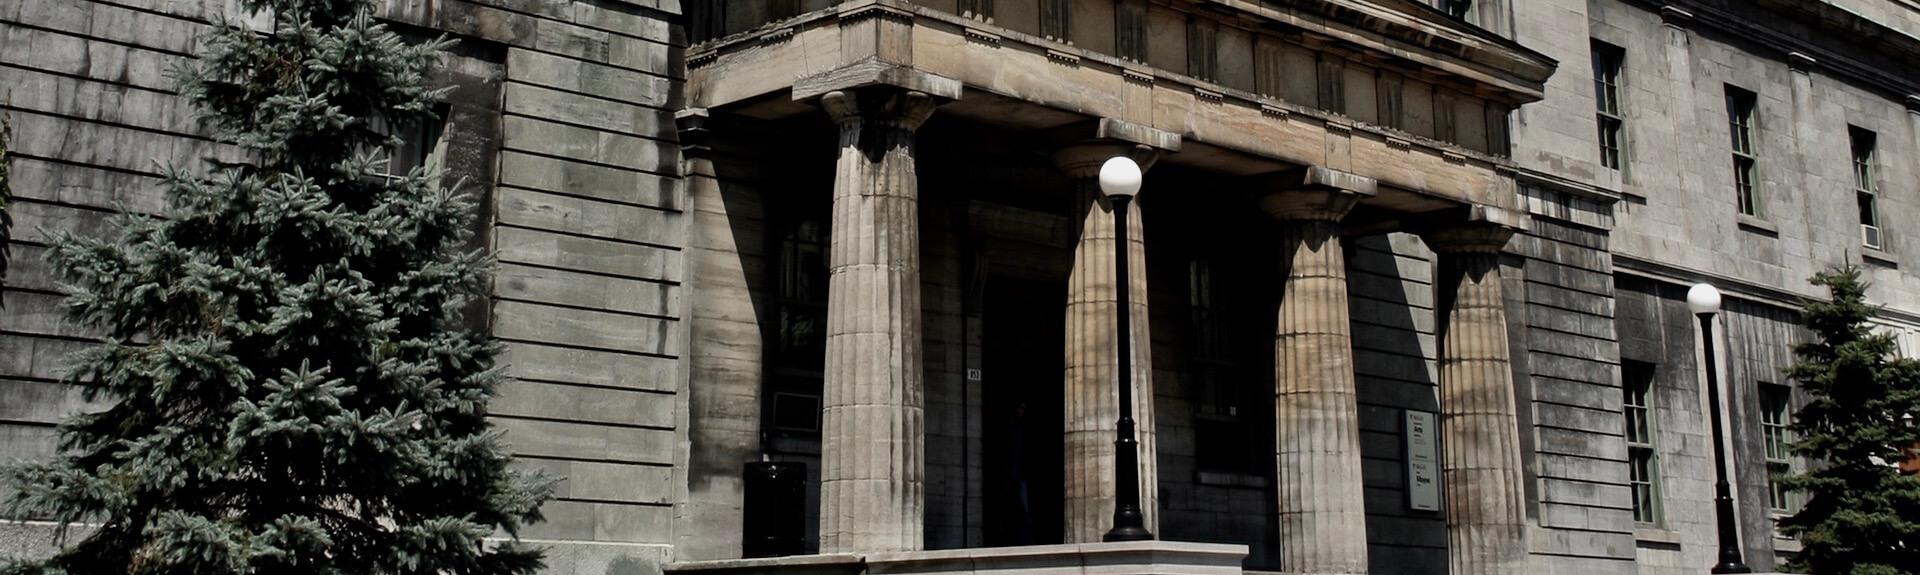 Façade d'un édifice de l'Université McGill